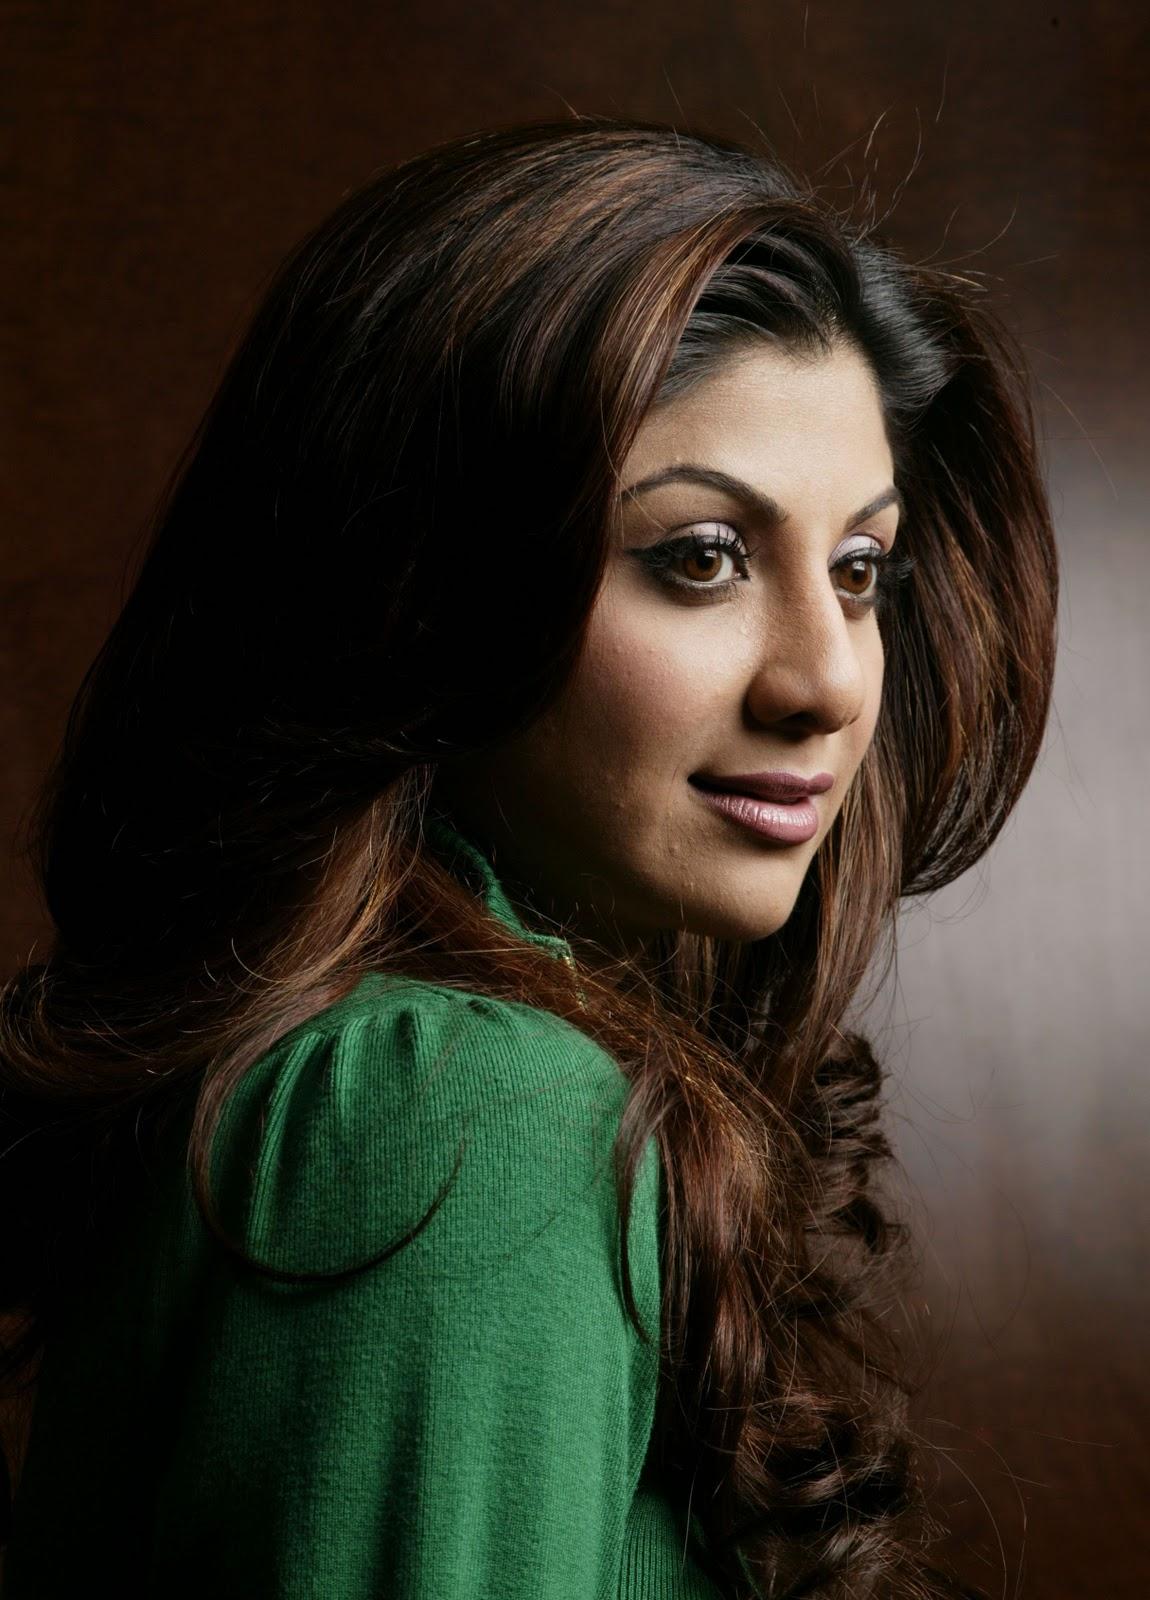 Shilpa-Shetty-Hot-Photos-Stills - Indian Movie Portal-3144